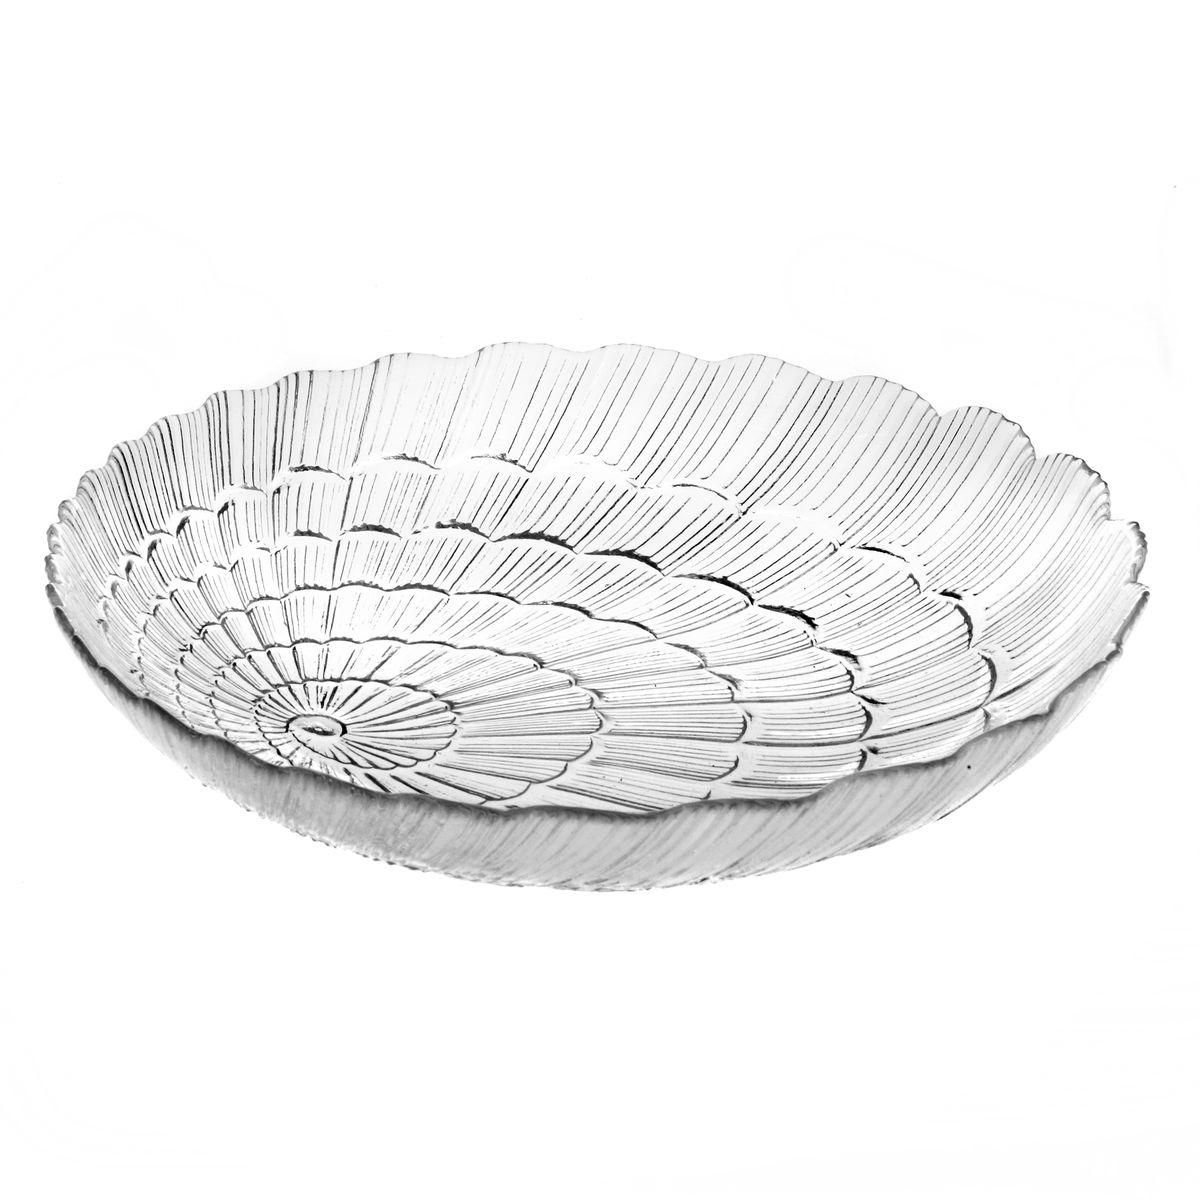 Набор тарелок Pasabahce Atlantis, диаметр 21 см, 6 шт54 009312Набор Pasabahce Atlantis состоит из шести тарелок, выполненных из высококачественного закаленного стекла. Они имеют оригинальную форму и декорированы рельефным узором. Тарелки прекрасно подойдут для красивой сервировки различных блюд. Оригинальность оформления тарелок придется по вкусу и ценителям классики, и тем, кто предпочитает утонченность и изящность. Набор тарелок Atlantis станет украшением вашего стола и послужит отличным подарком к любому празднику. Диаметр тарелки: 21 см. Высота тарелки: 4 см.